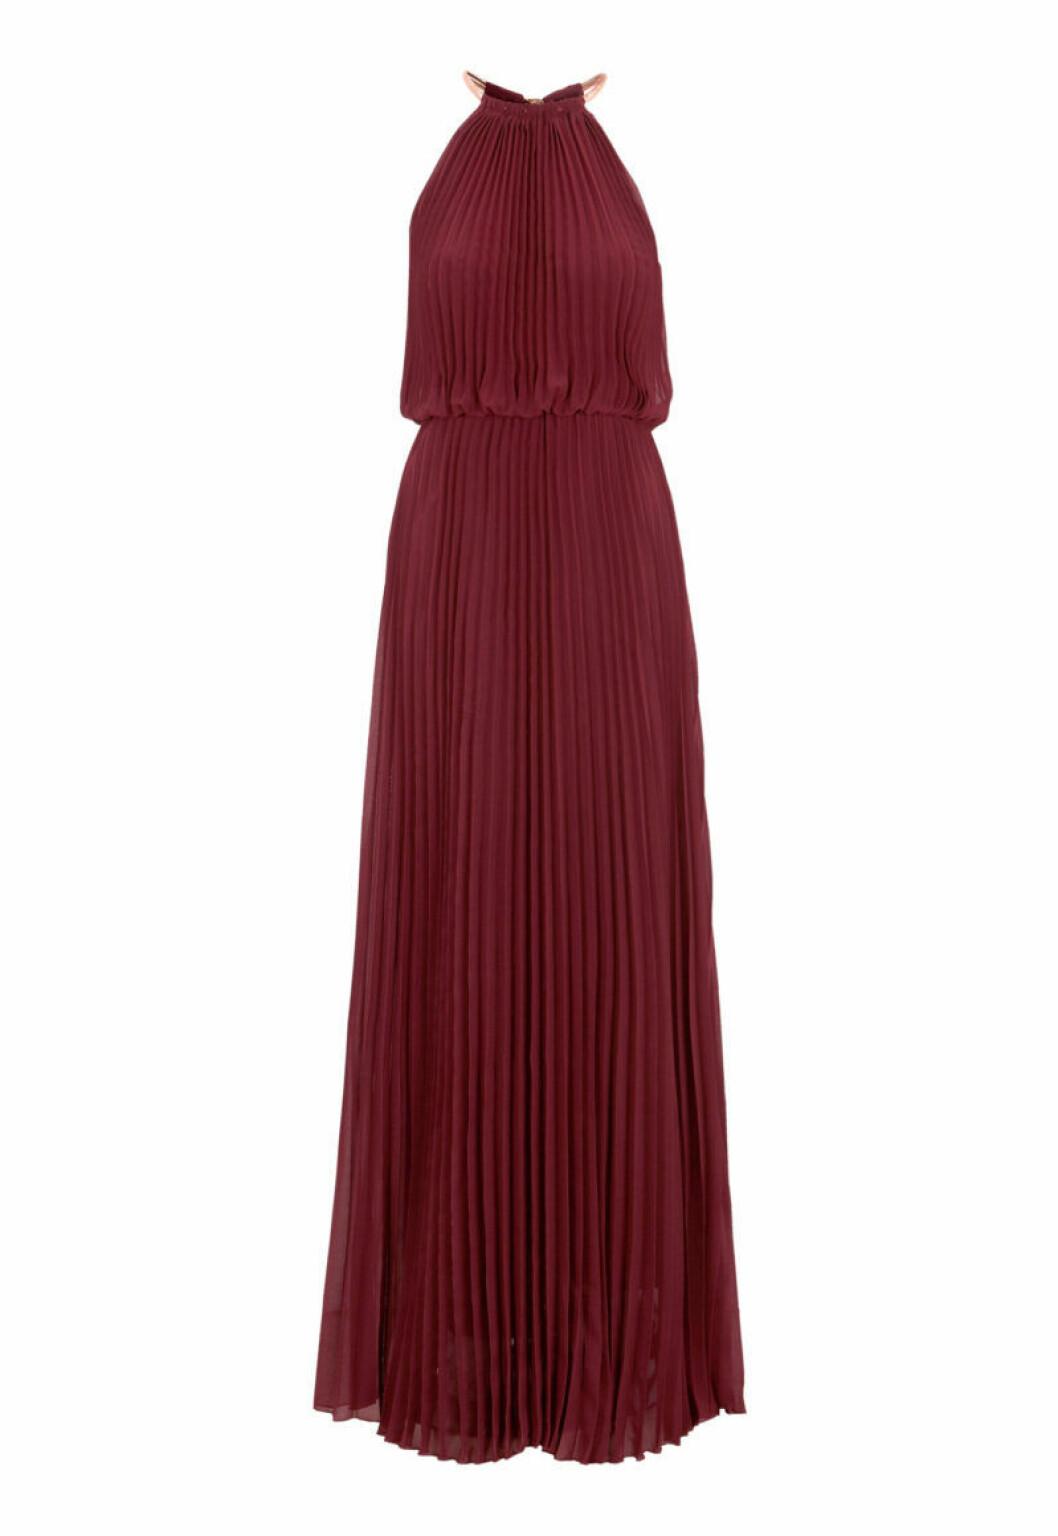 Vinröd klänning